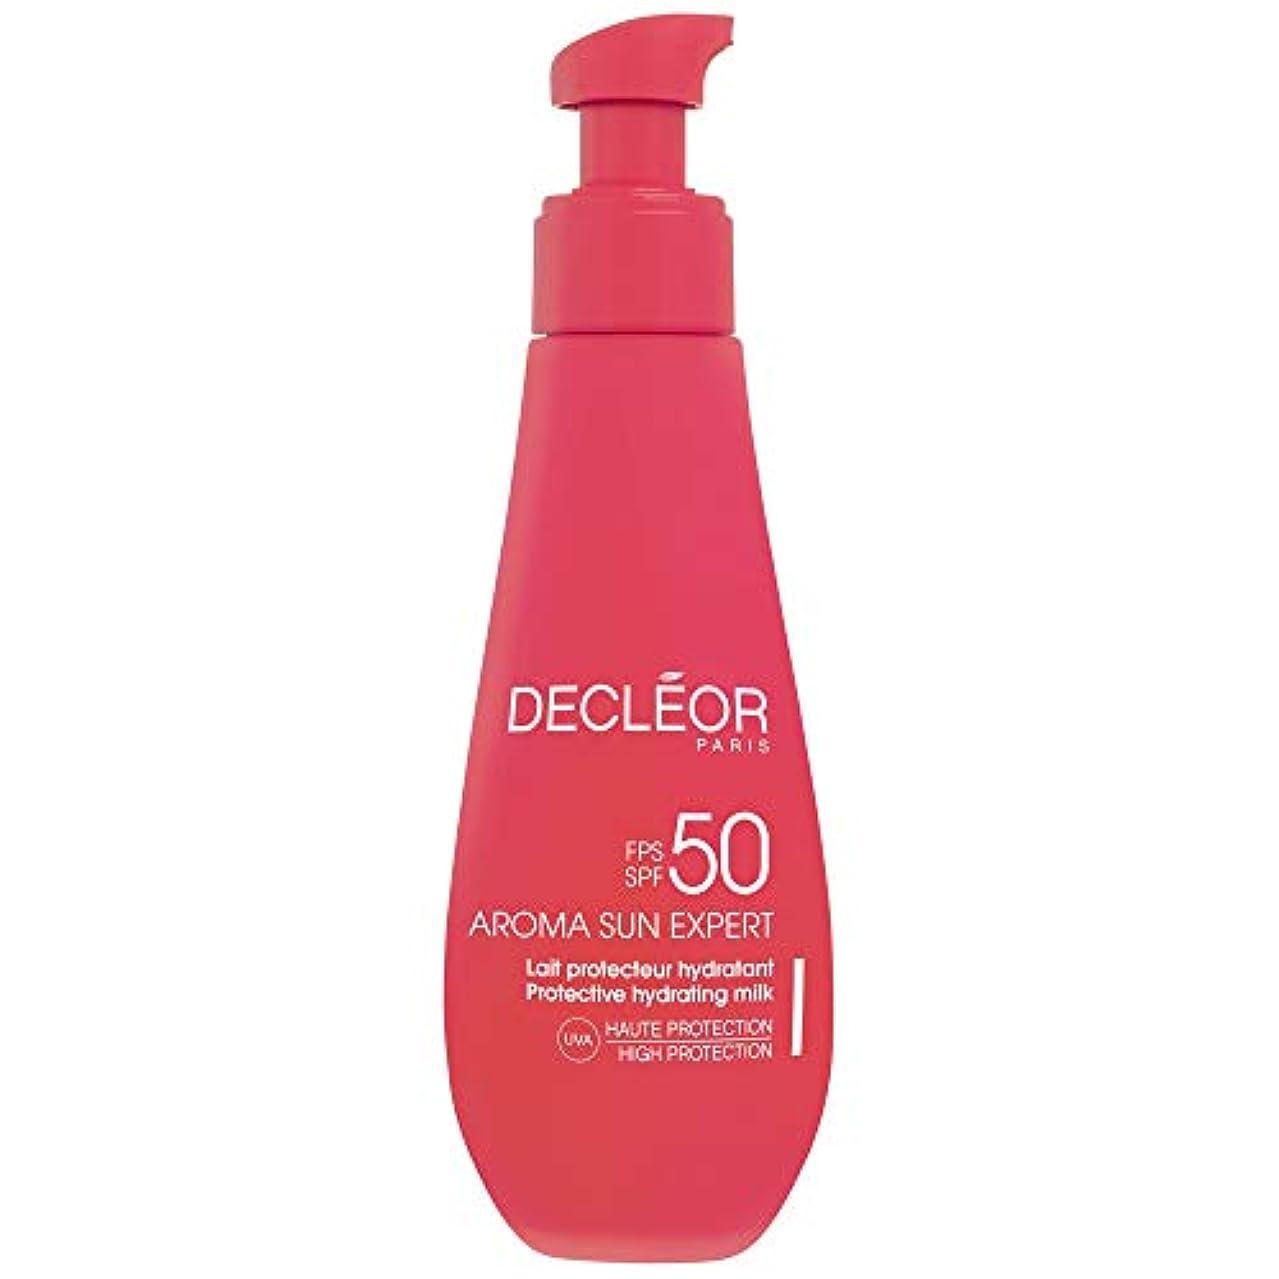 同意ハブブトマト[Decl?or ] デクレオールアロマ日の専門家で超保護抗シワクリームSpf50 - ボディローション150Ml - Decl?or Aroma Sun Expert Ultra Protective Anti-Wrinkle...